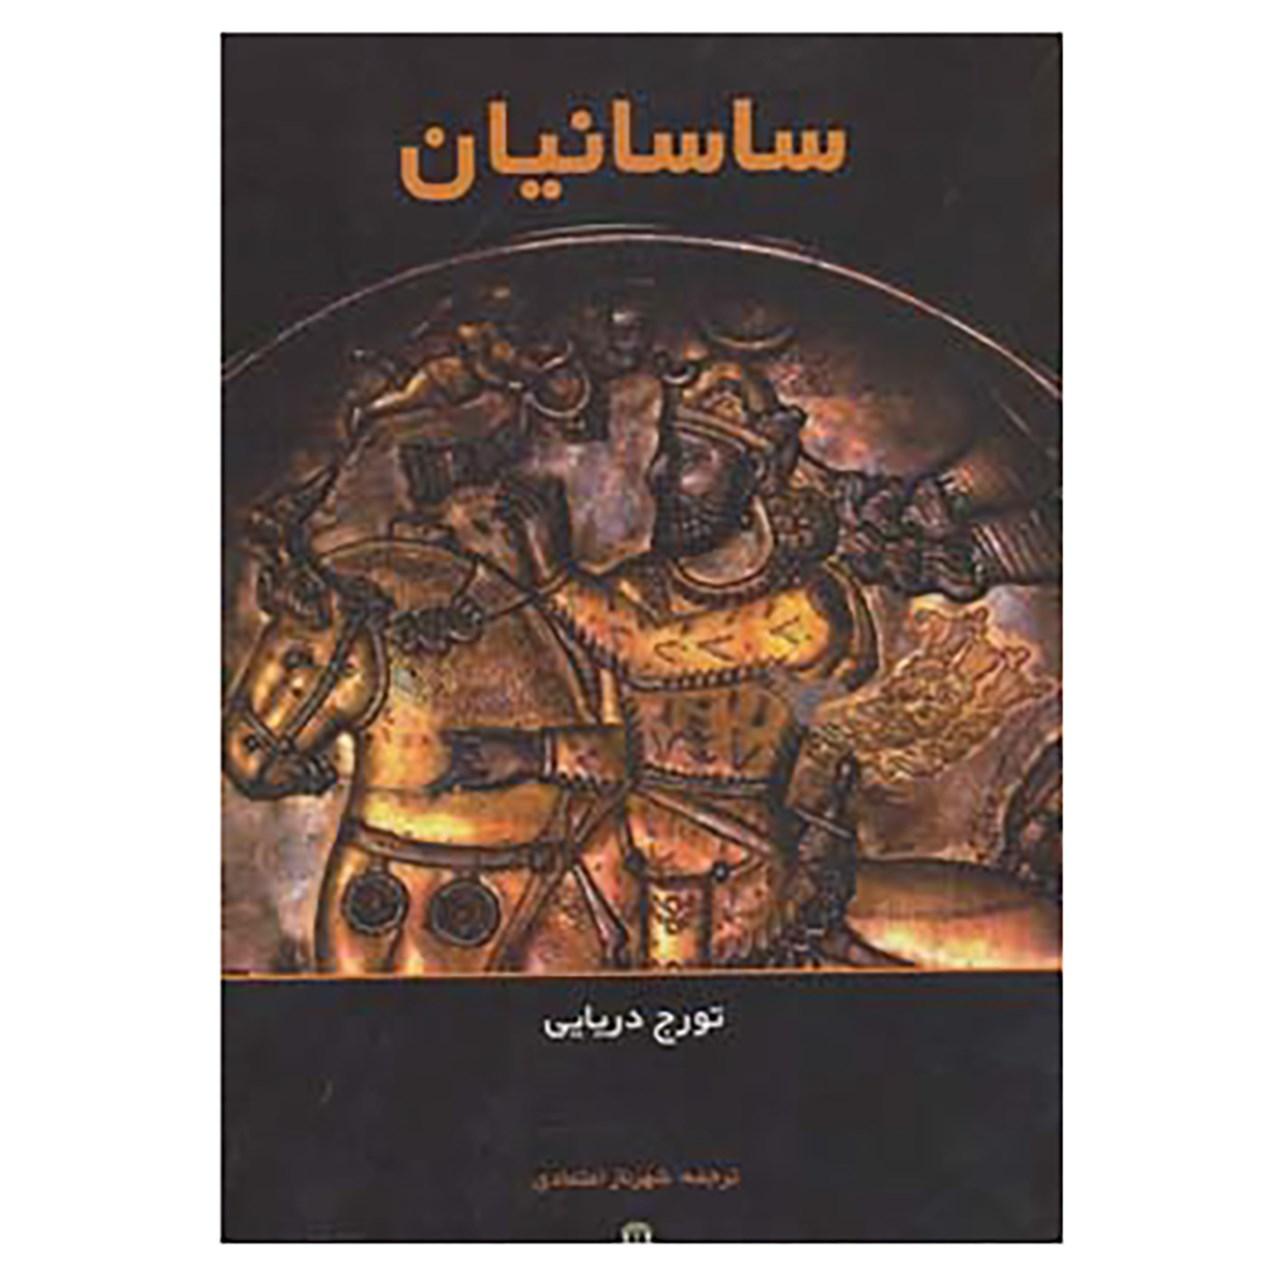 خرید                      کتاب ساسانیان اثر تورج دریایی